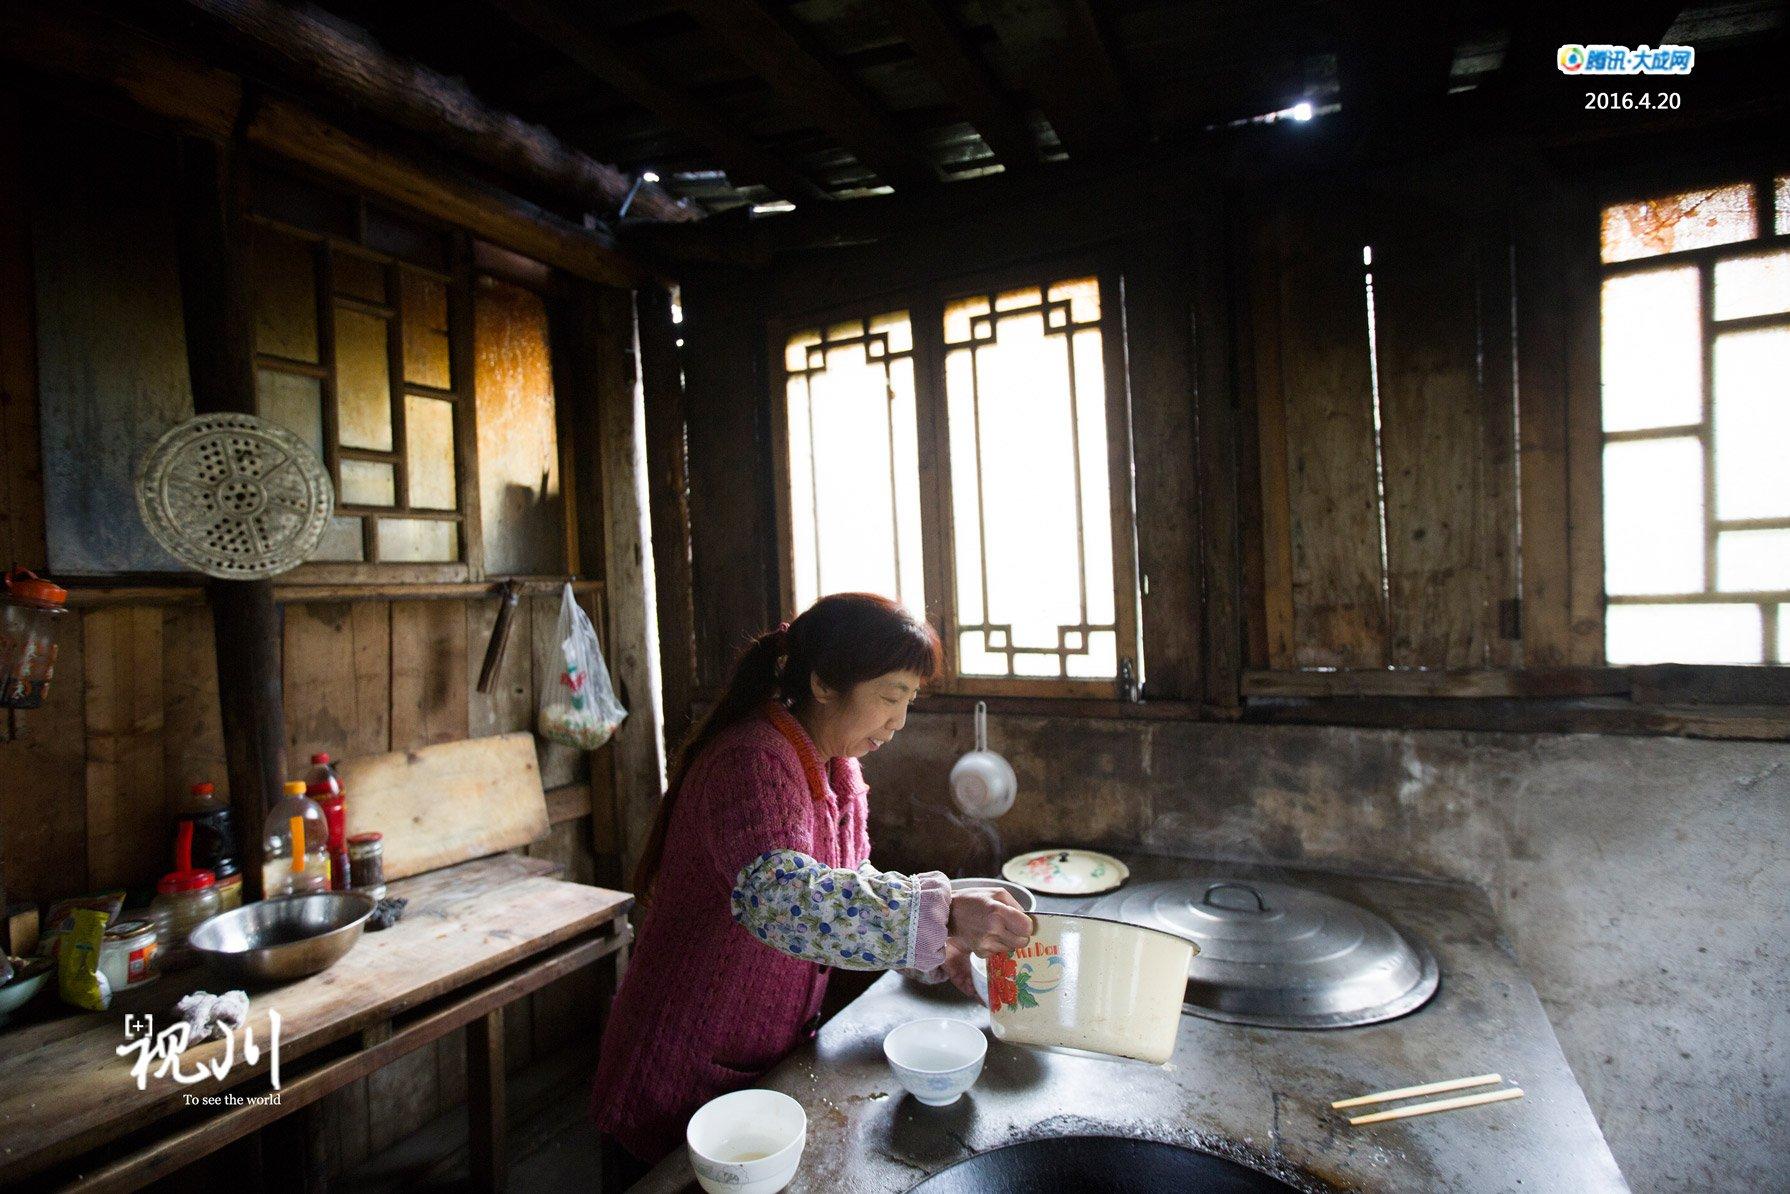 厨房用的是农村常见的柴灶.图片